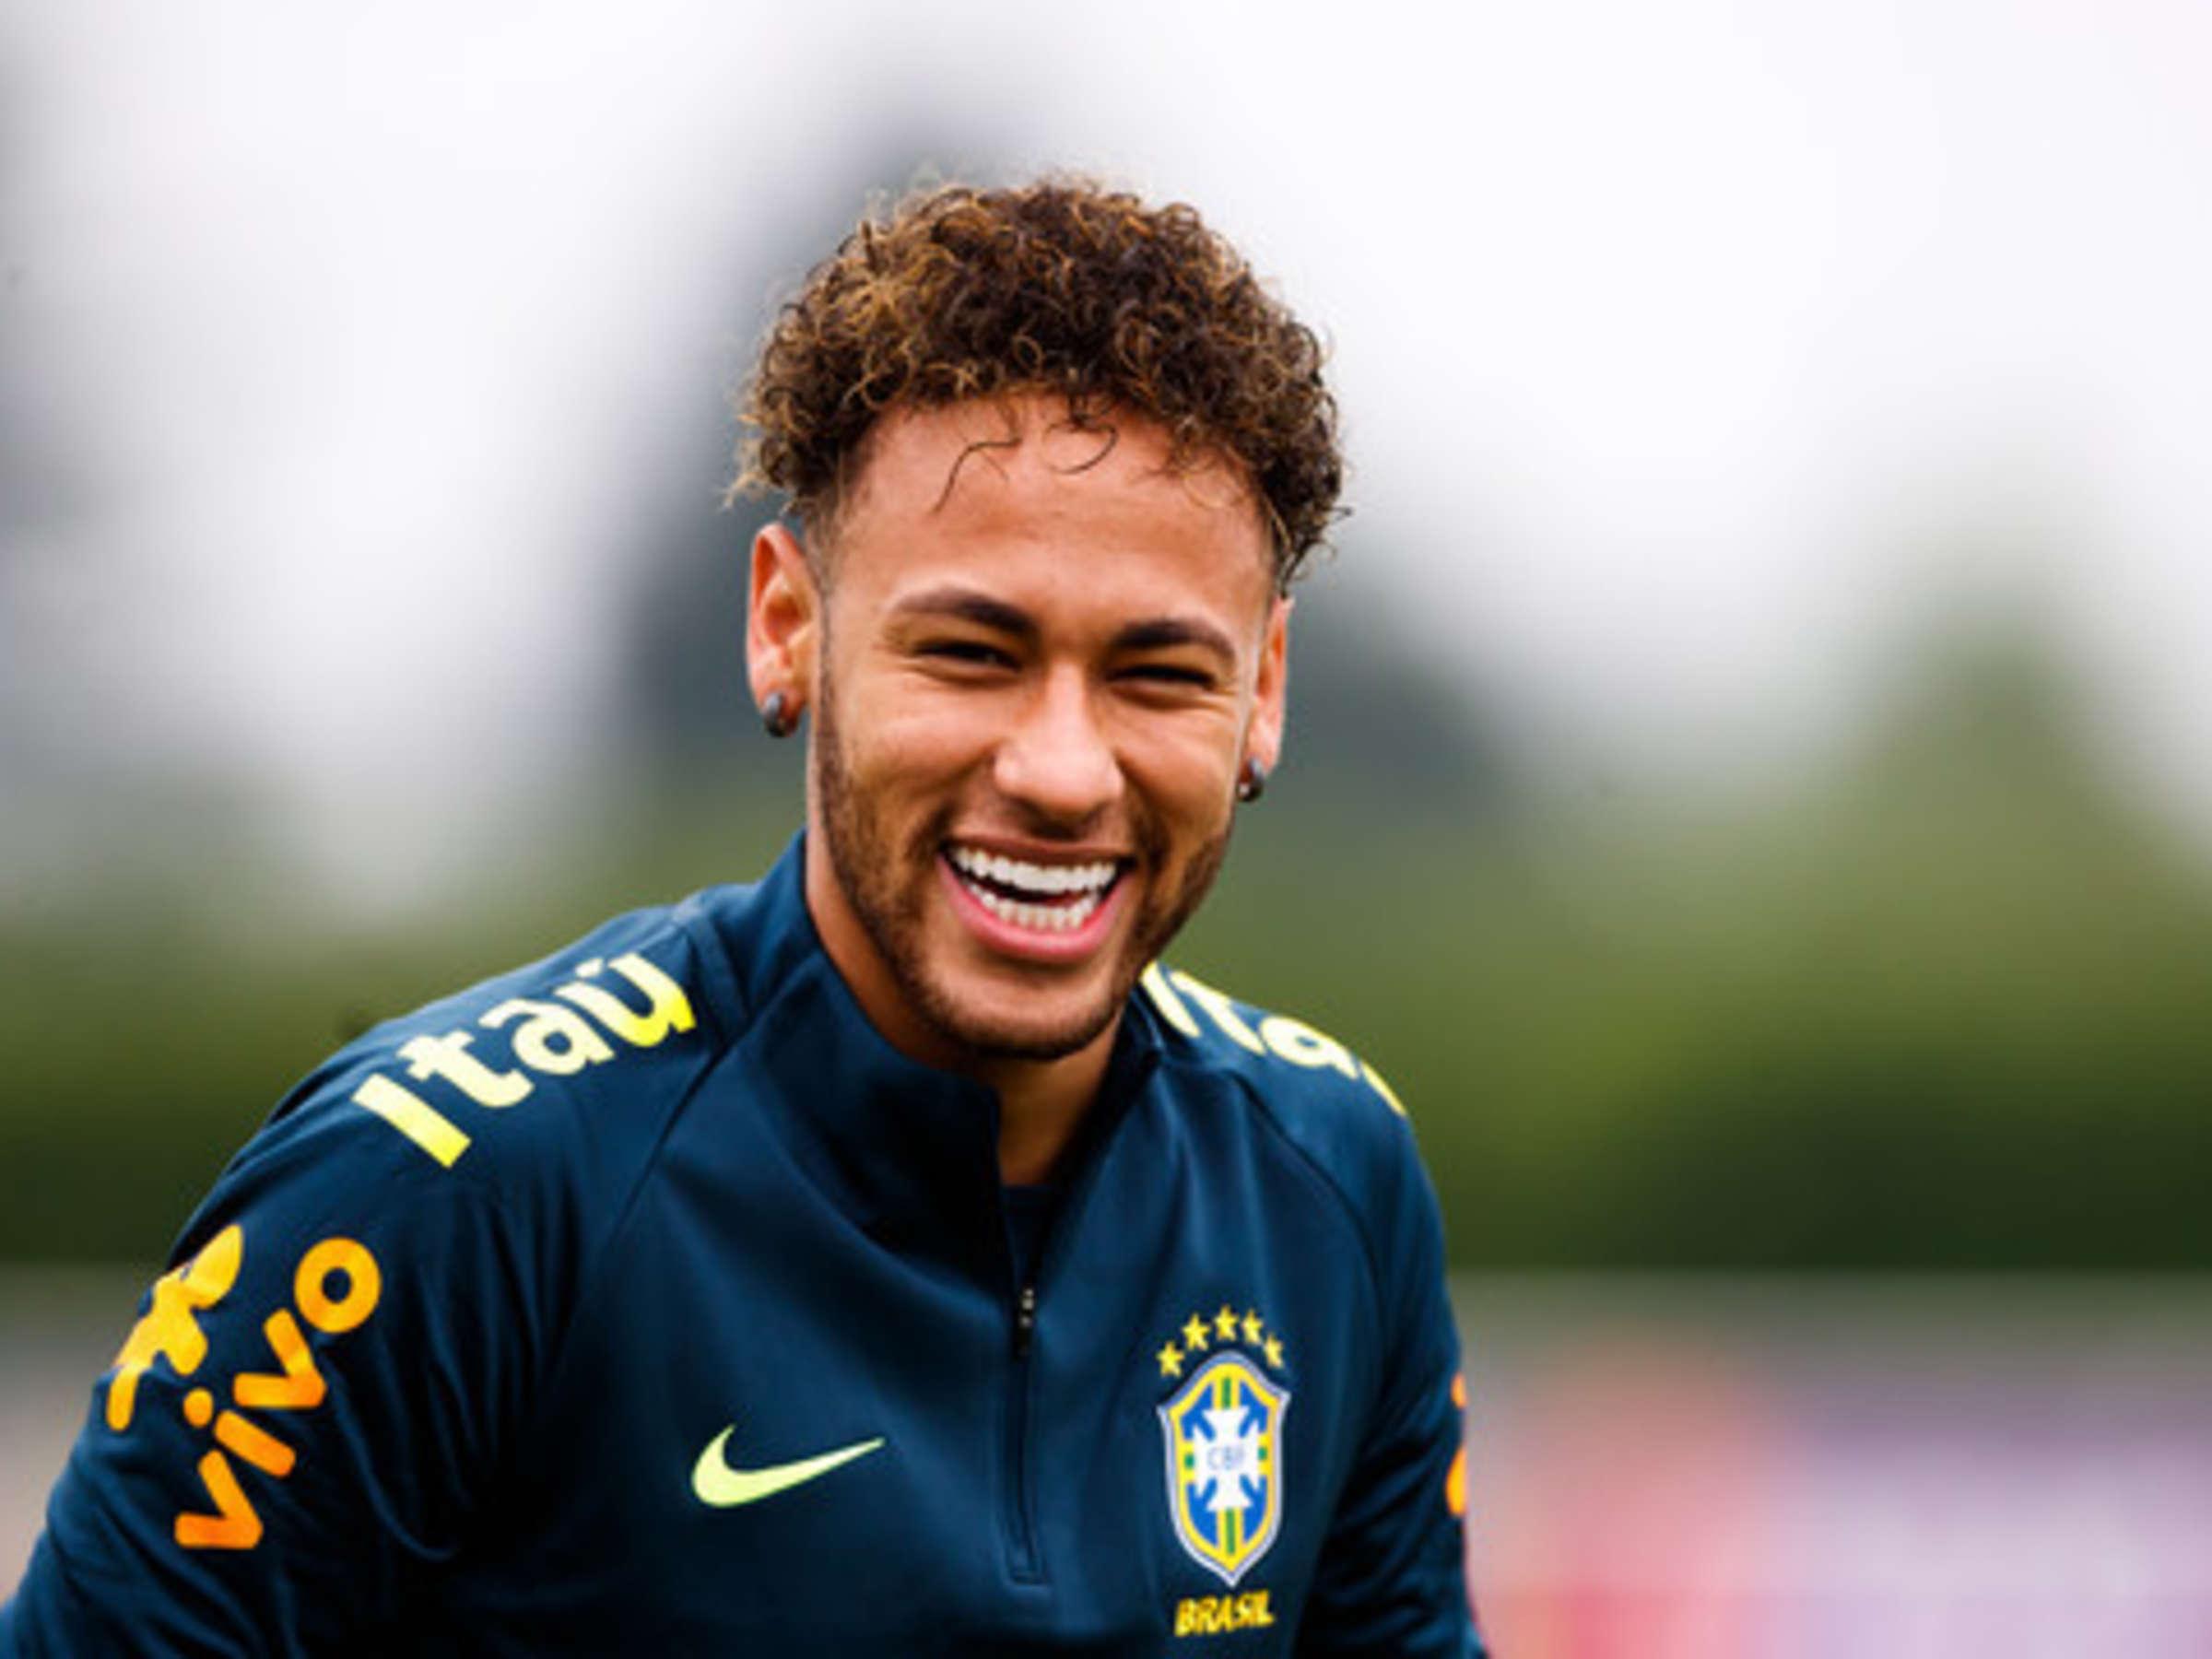 Fussballstar Neymar So Kam Er Zu Unermesslichem Reichtum Und Dafur Gibt Er Sein Geld Aus Geld